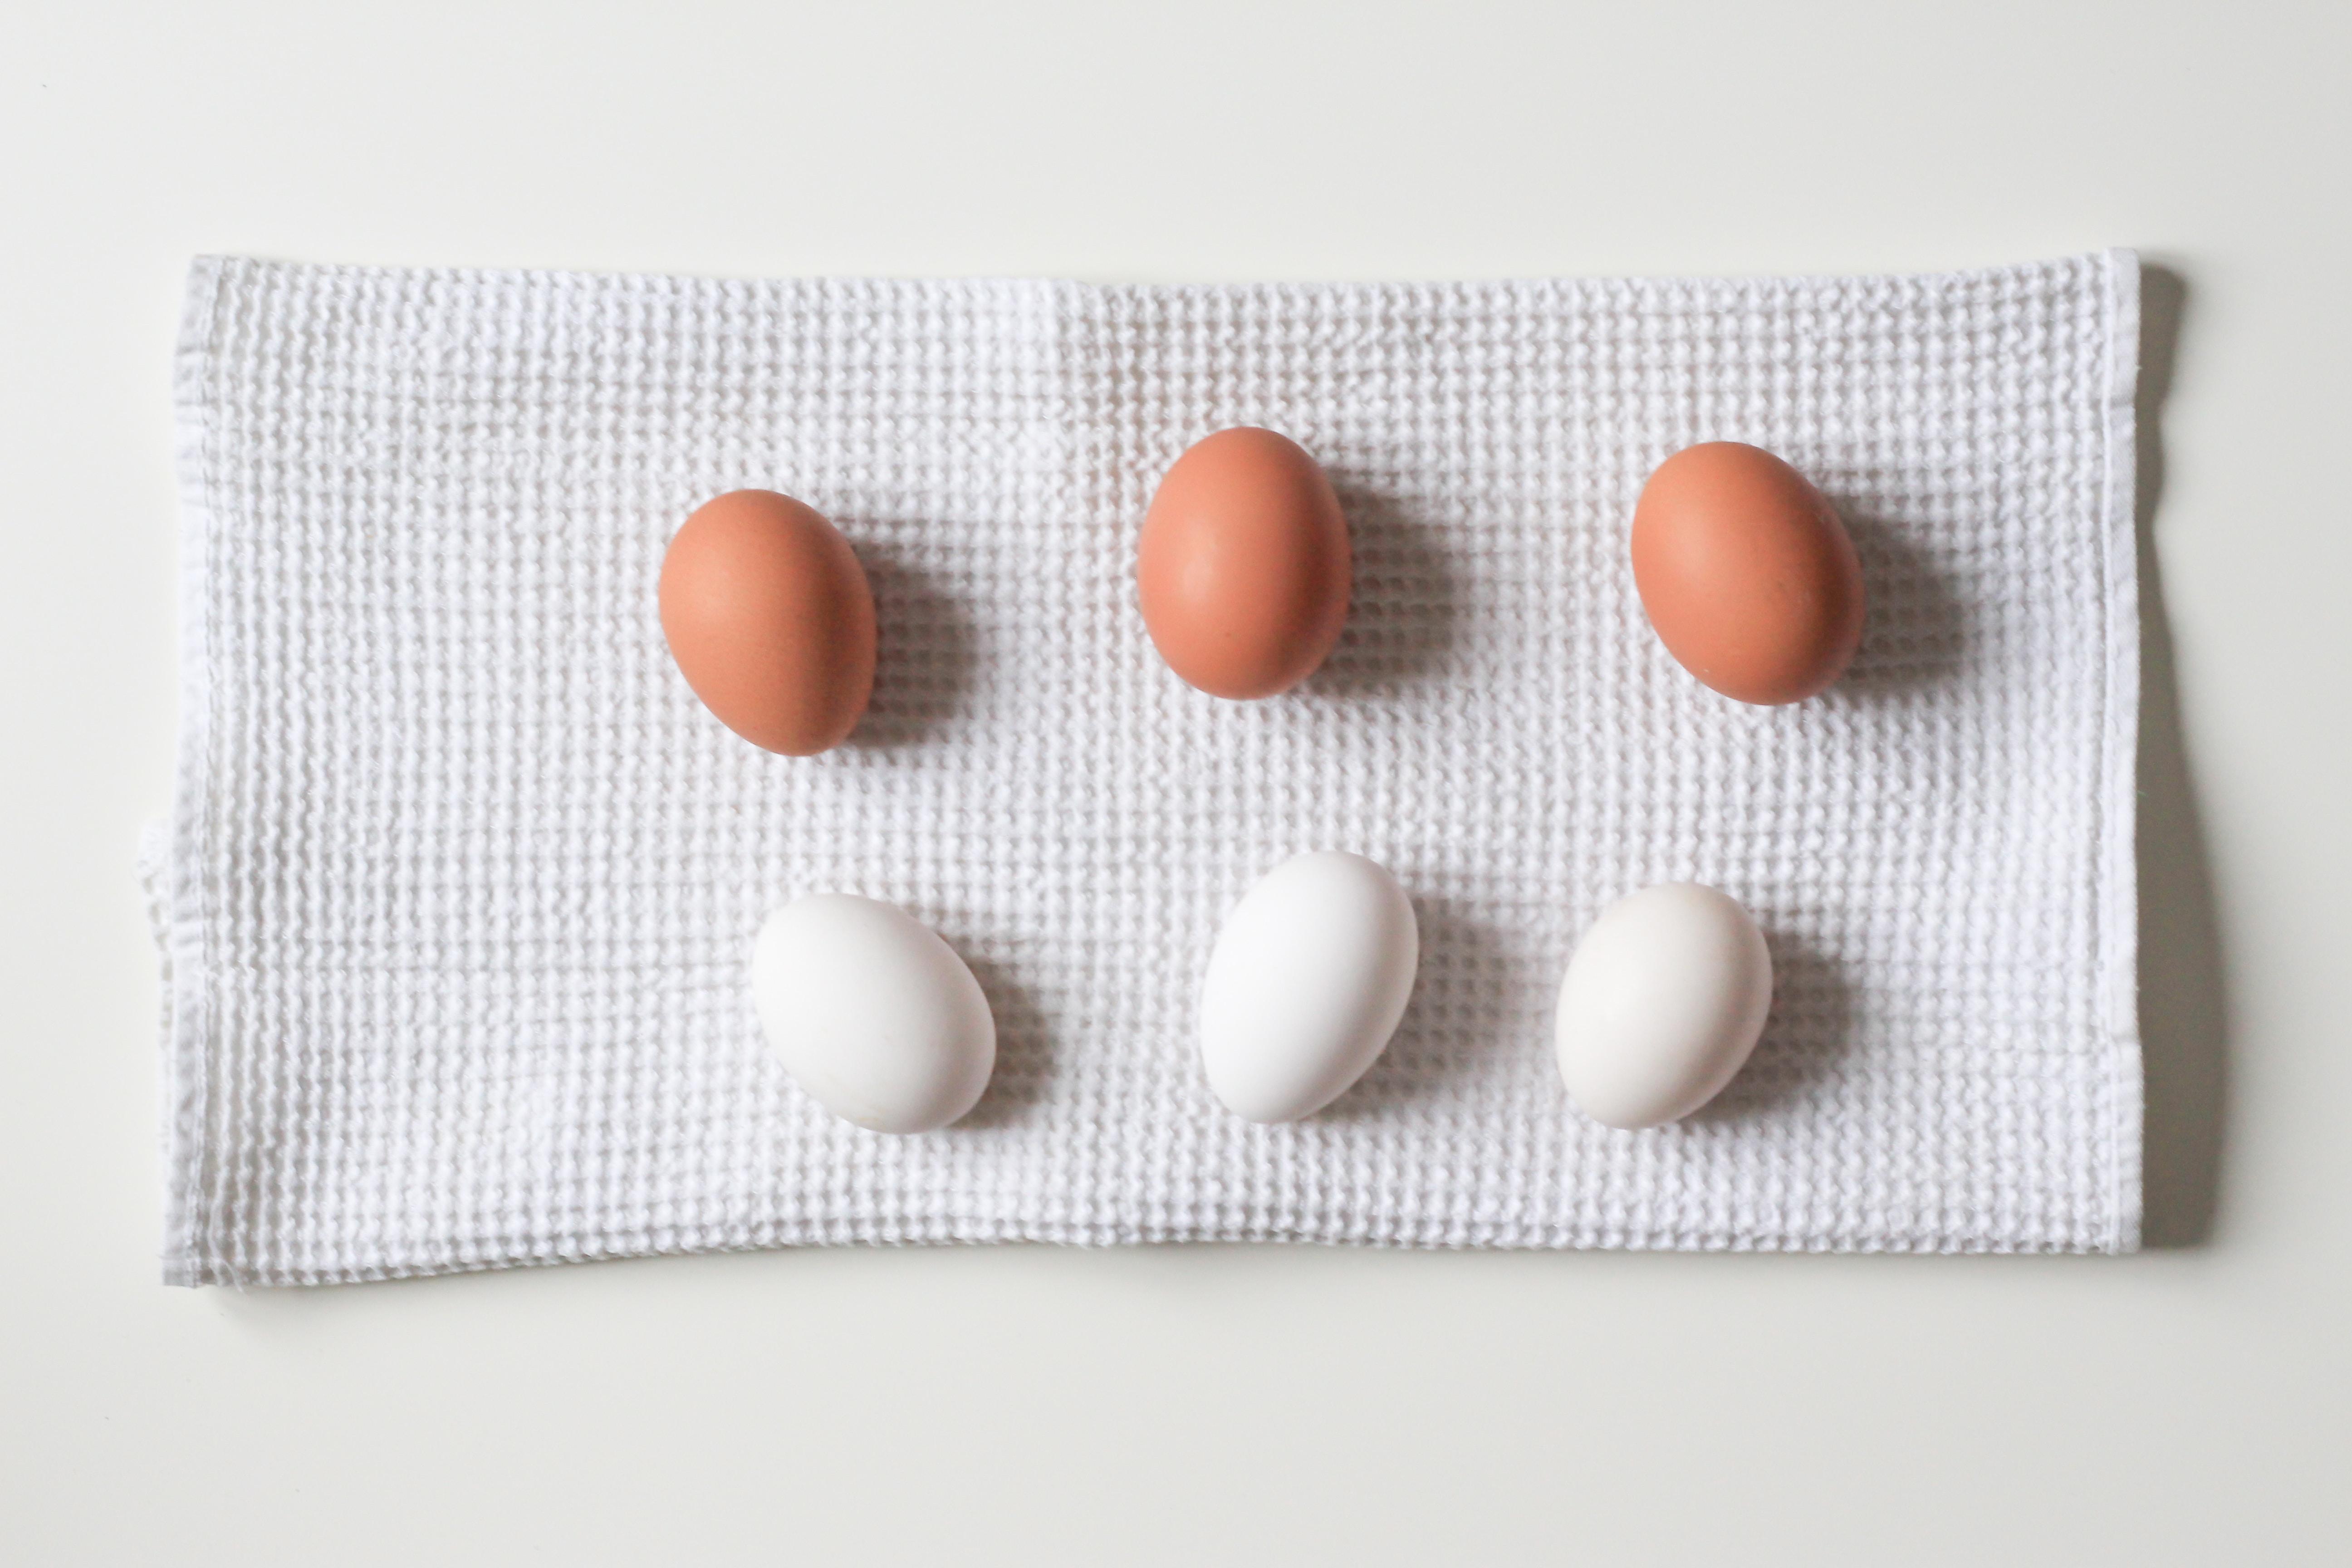 manfaat makanan protein untuk menurunkan berat badan